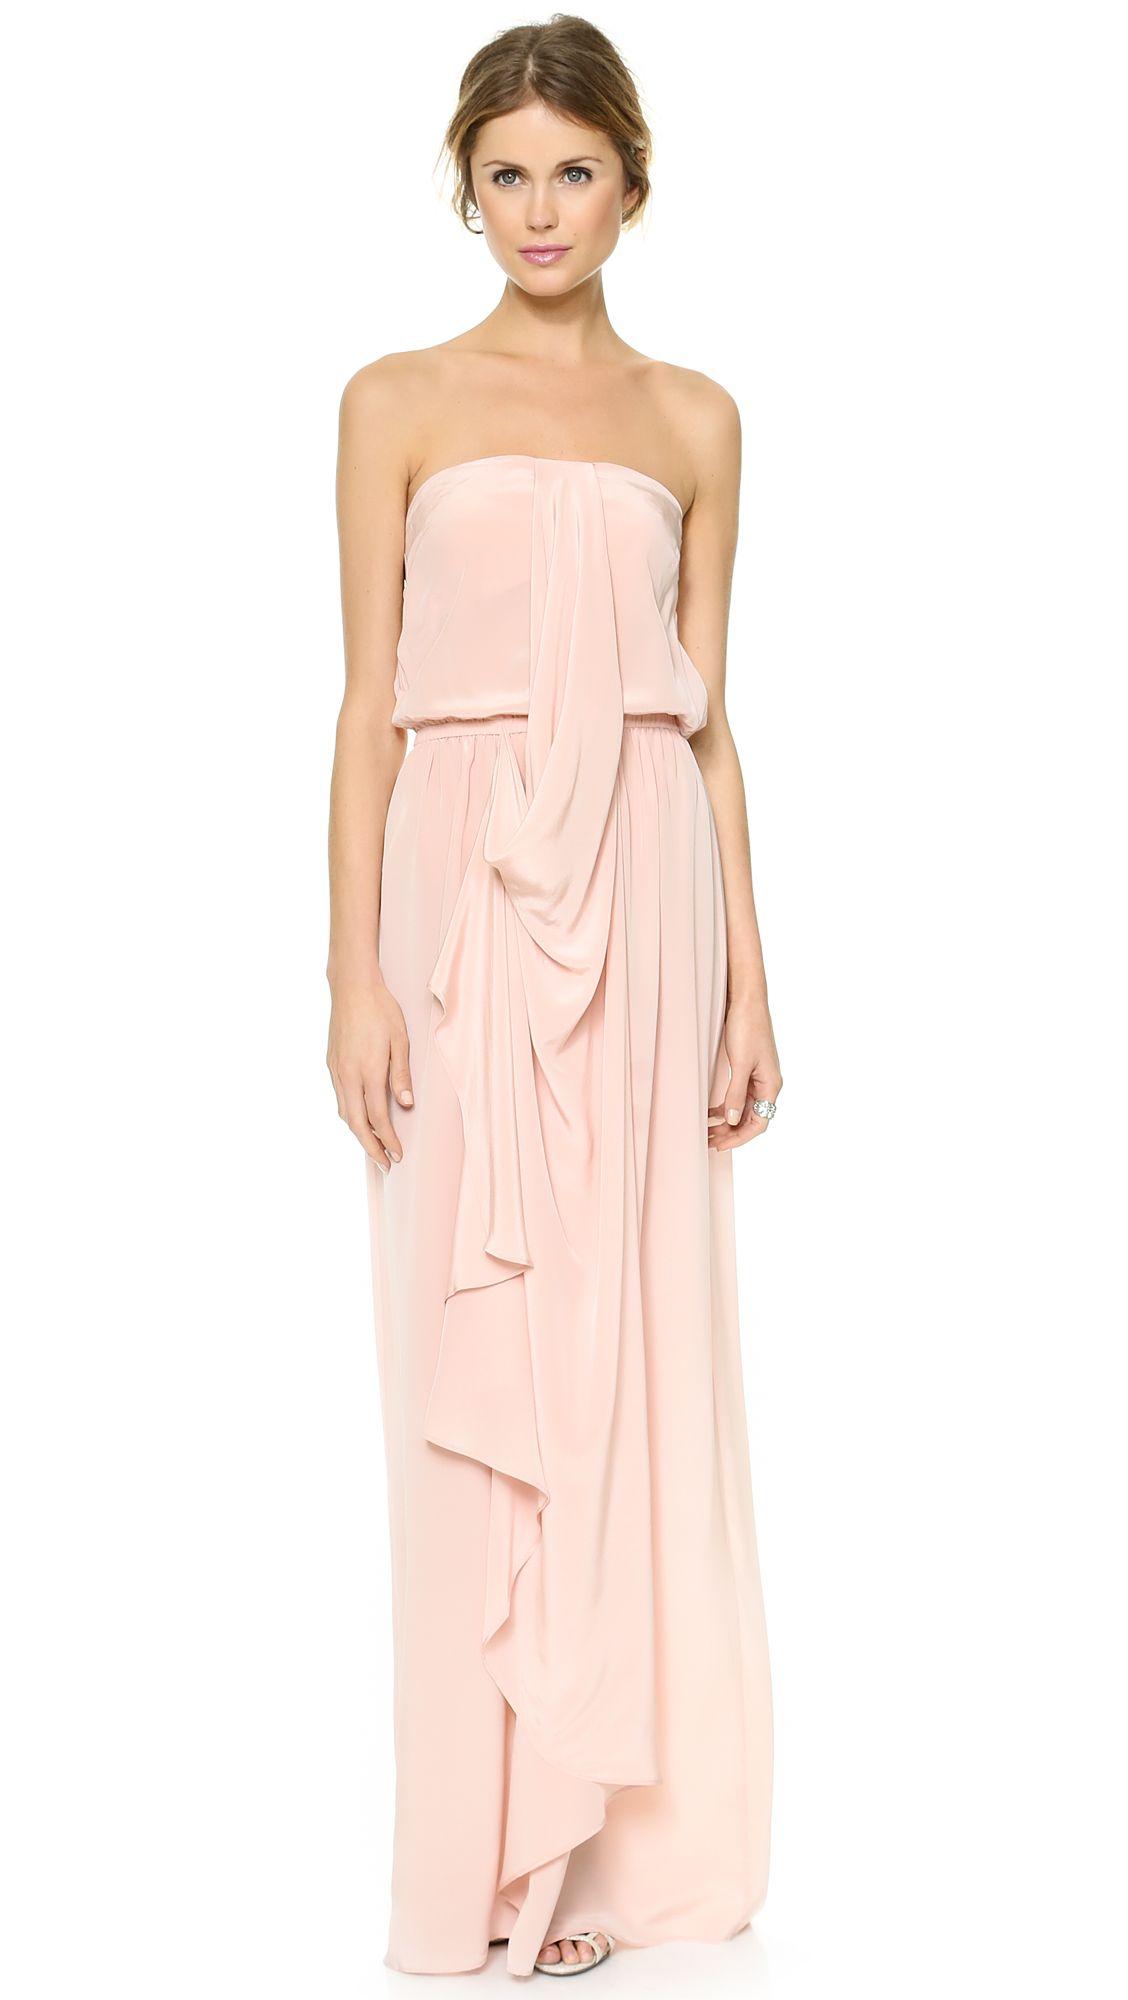 2e365657761d0 Shop Zimmermann Zimmermann Strapless Draped Maxi Dress - Rosewater at  Modalist